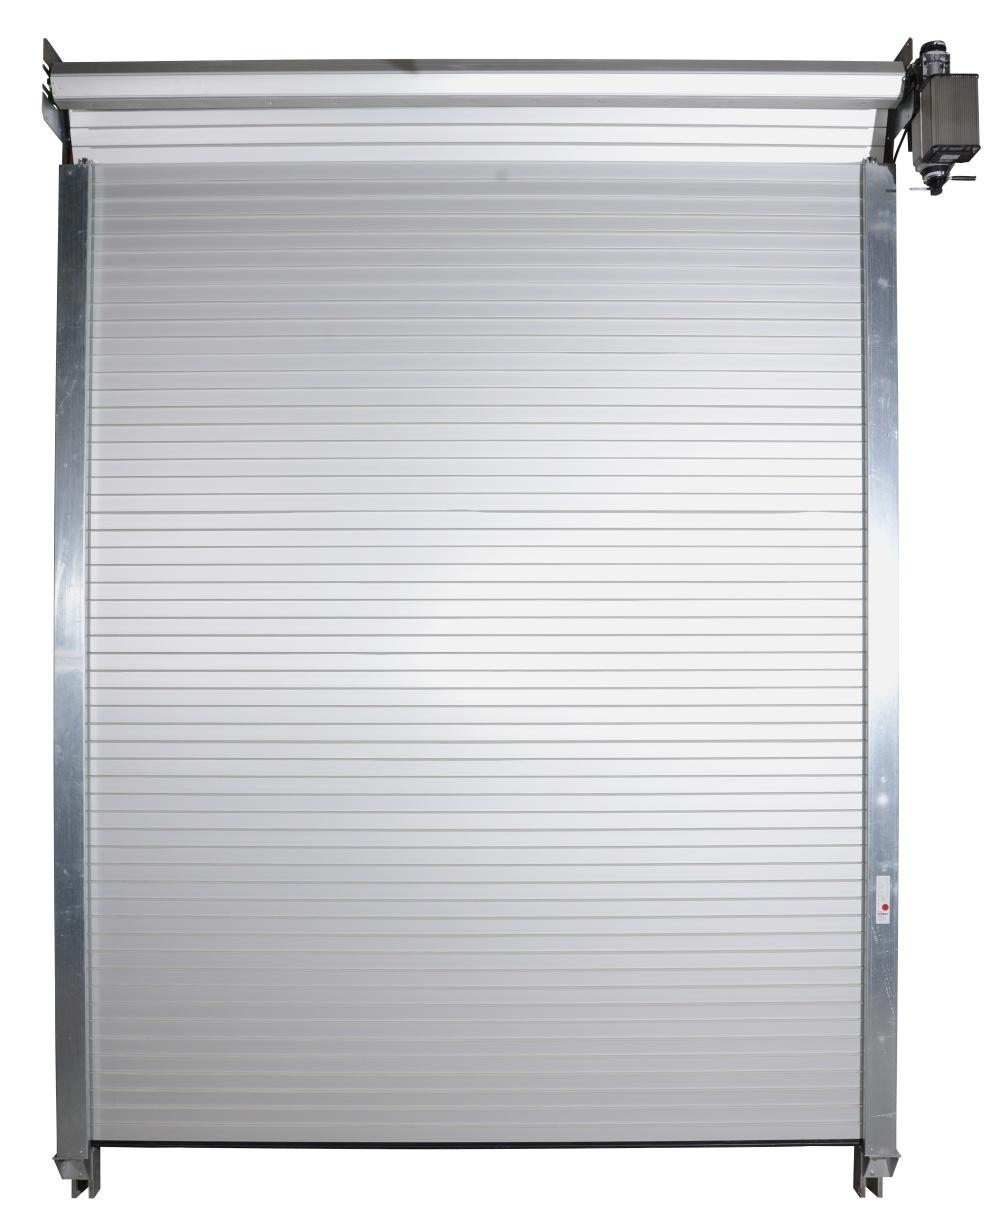 Vrata z lamel o výšce cca 90 mm zaklesnutých do sebe zámky.